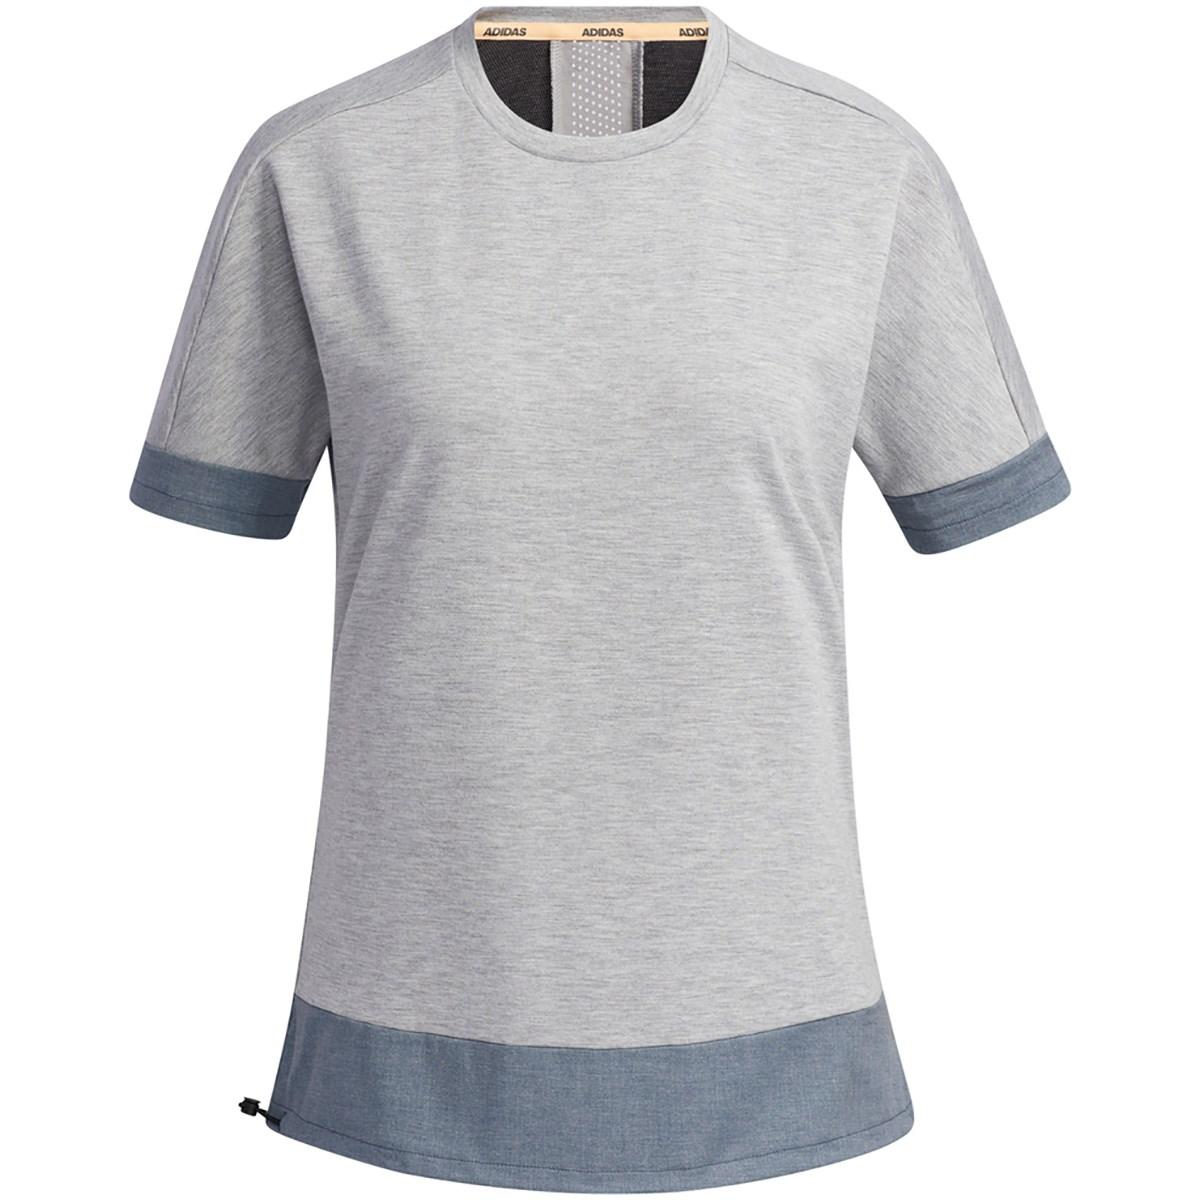 アディダス Adidas ファブリックミックス 半袖クルーネックシャツ J/M ミディアムグレーヘザー/クルーネイビー レディス